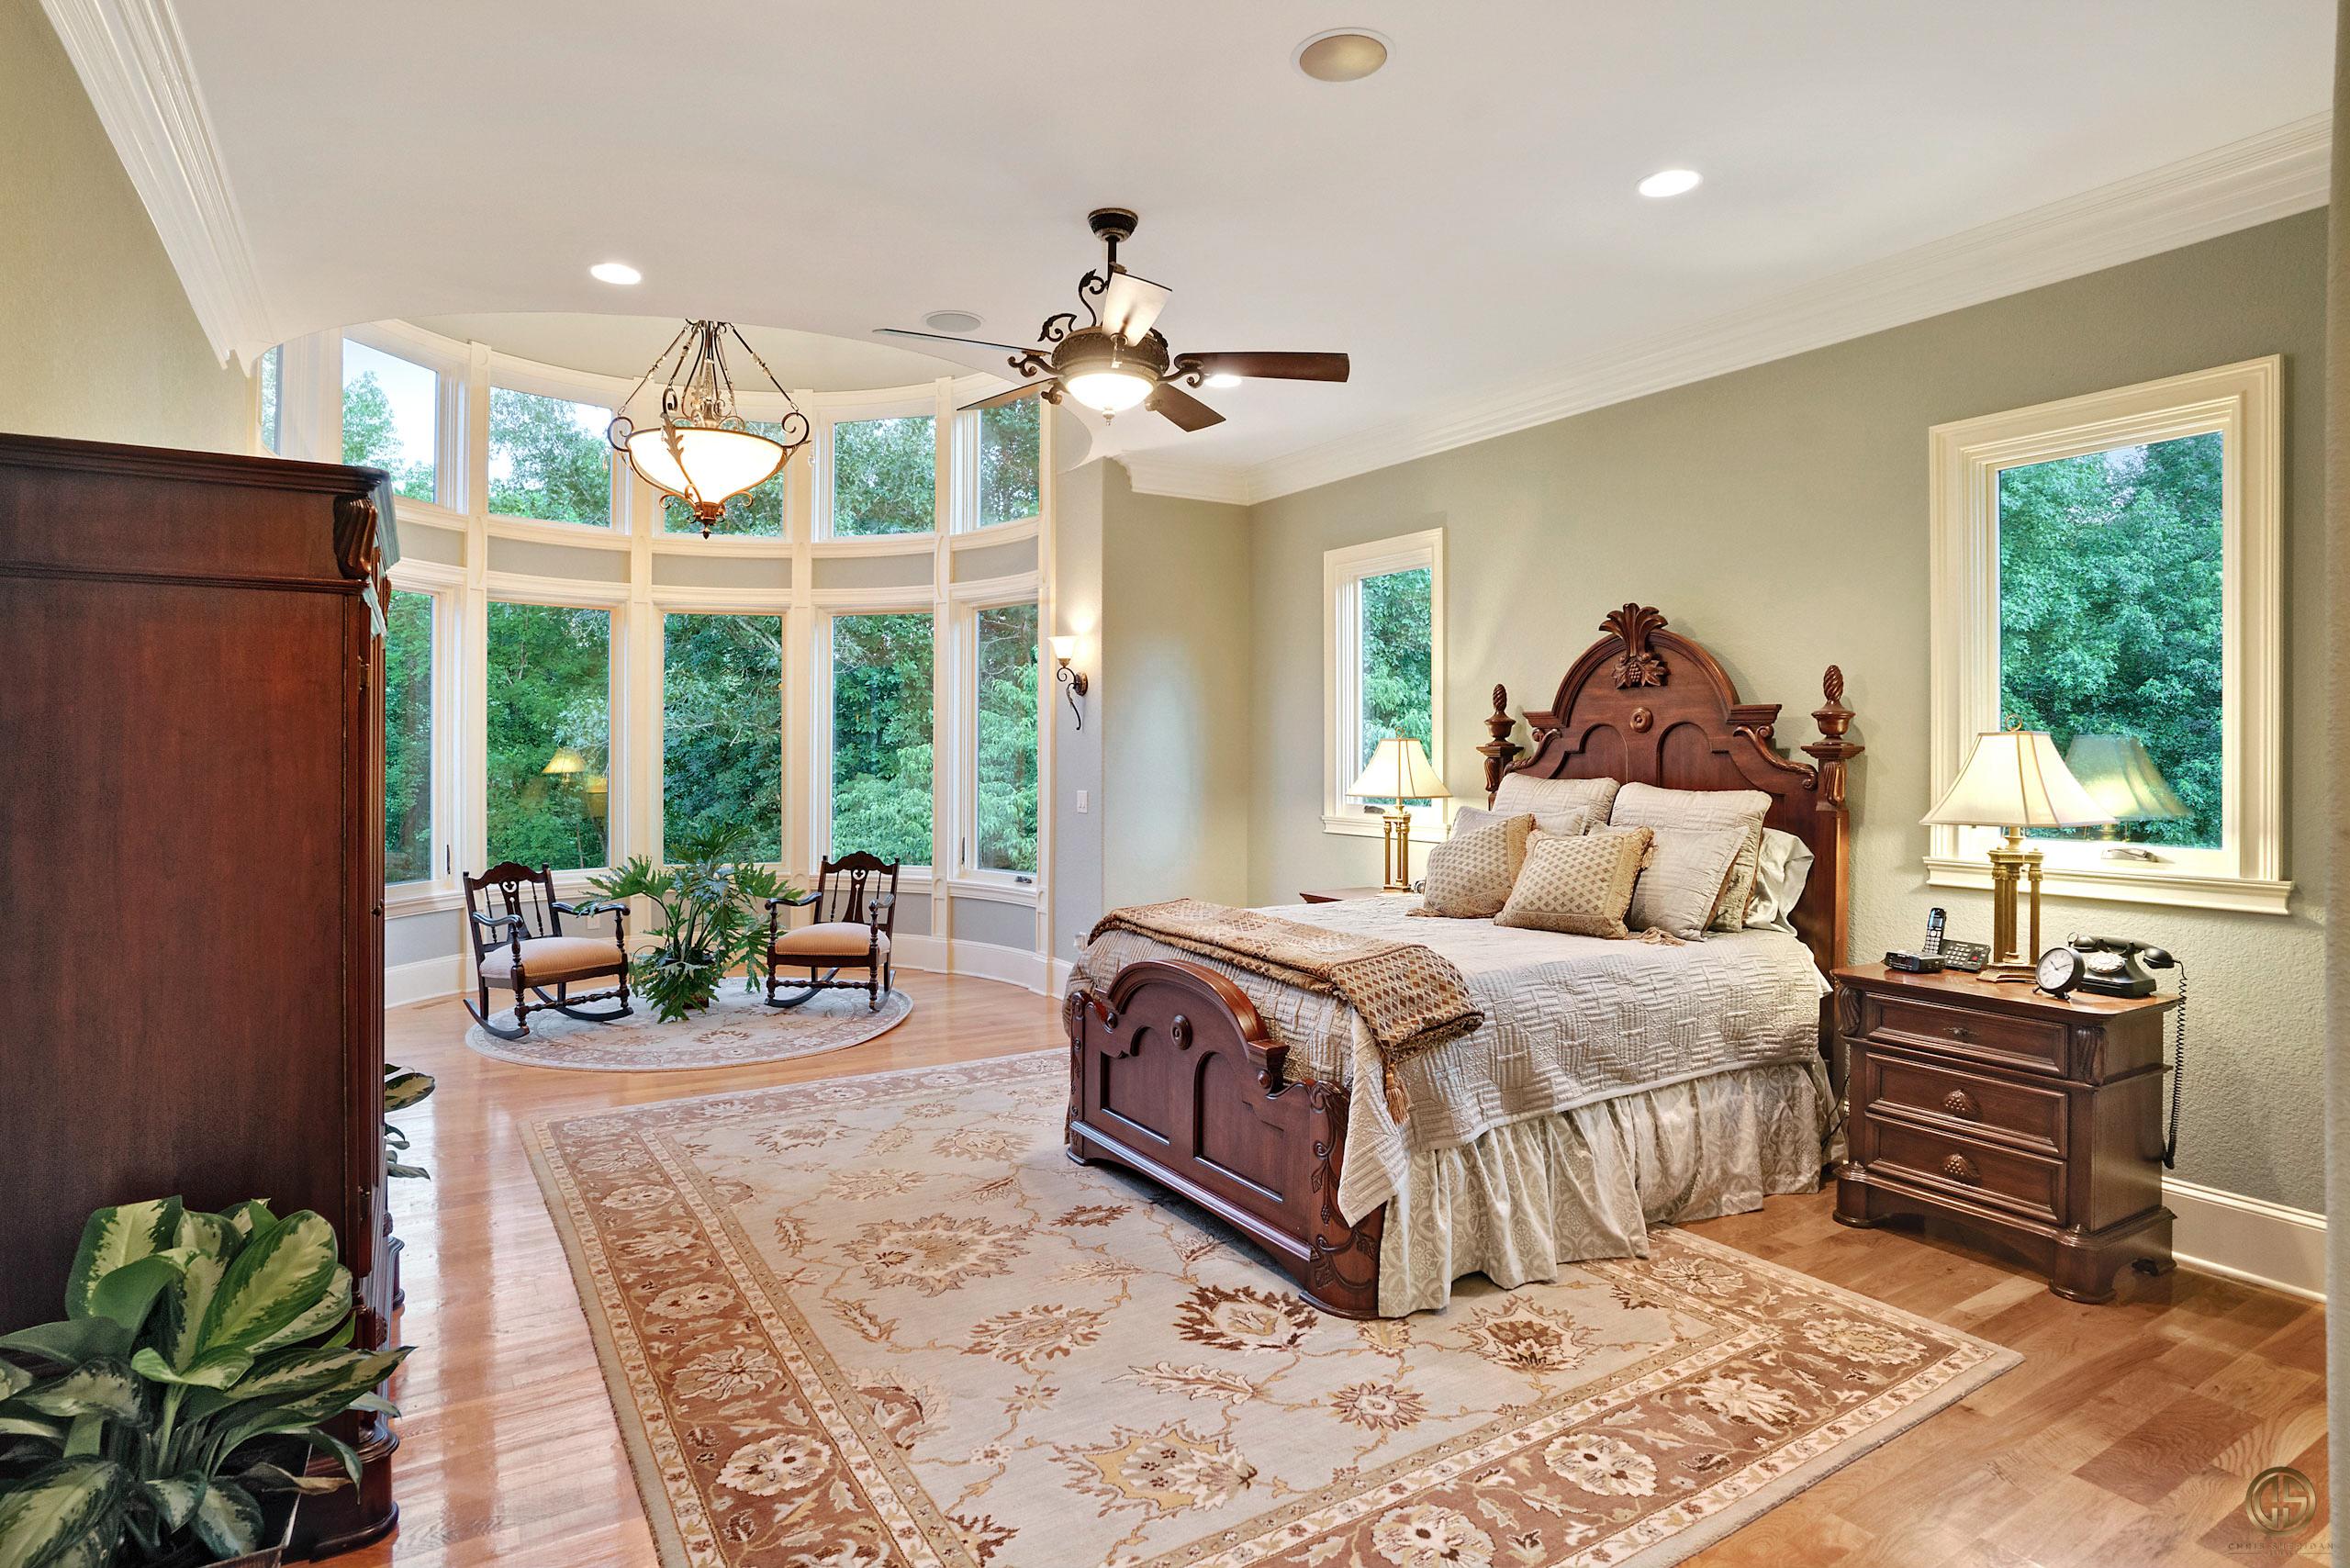 Stunning architectural interior shot